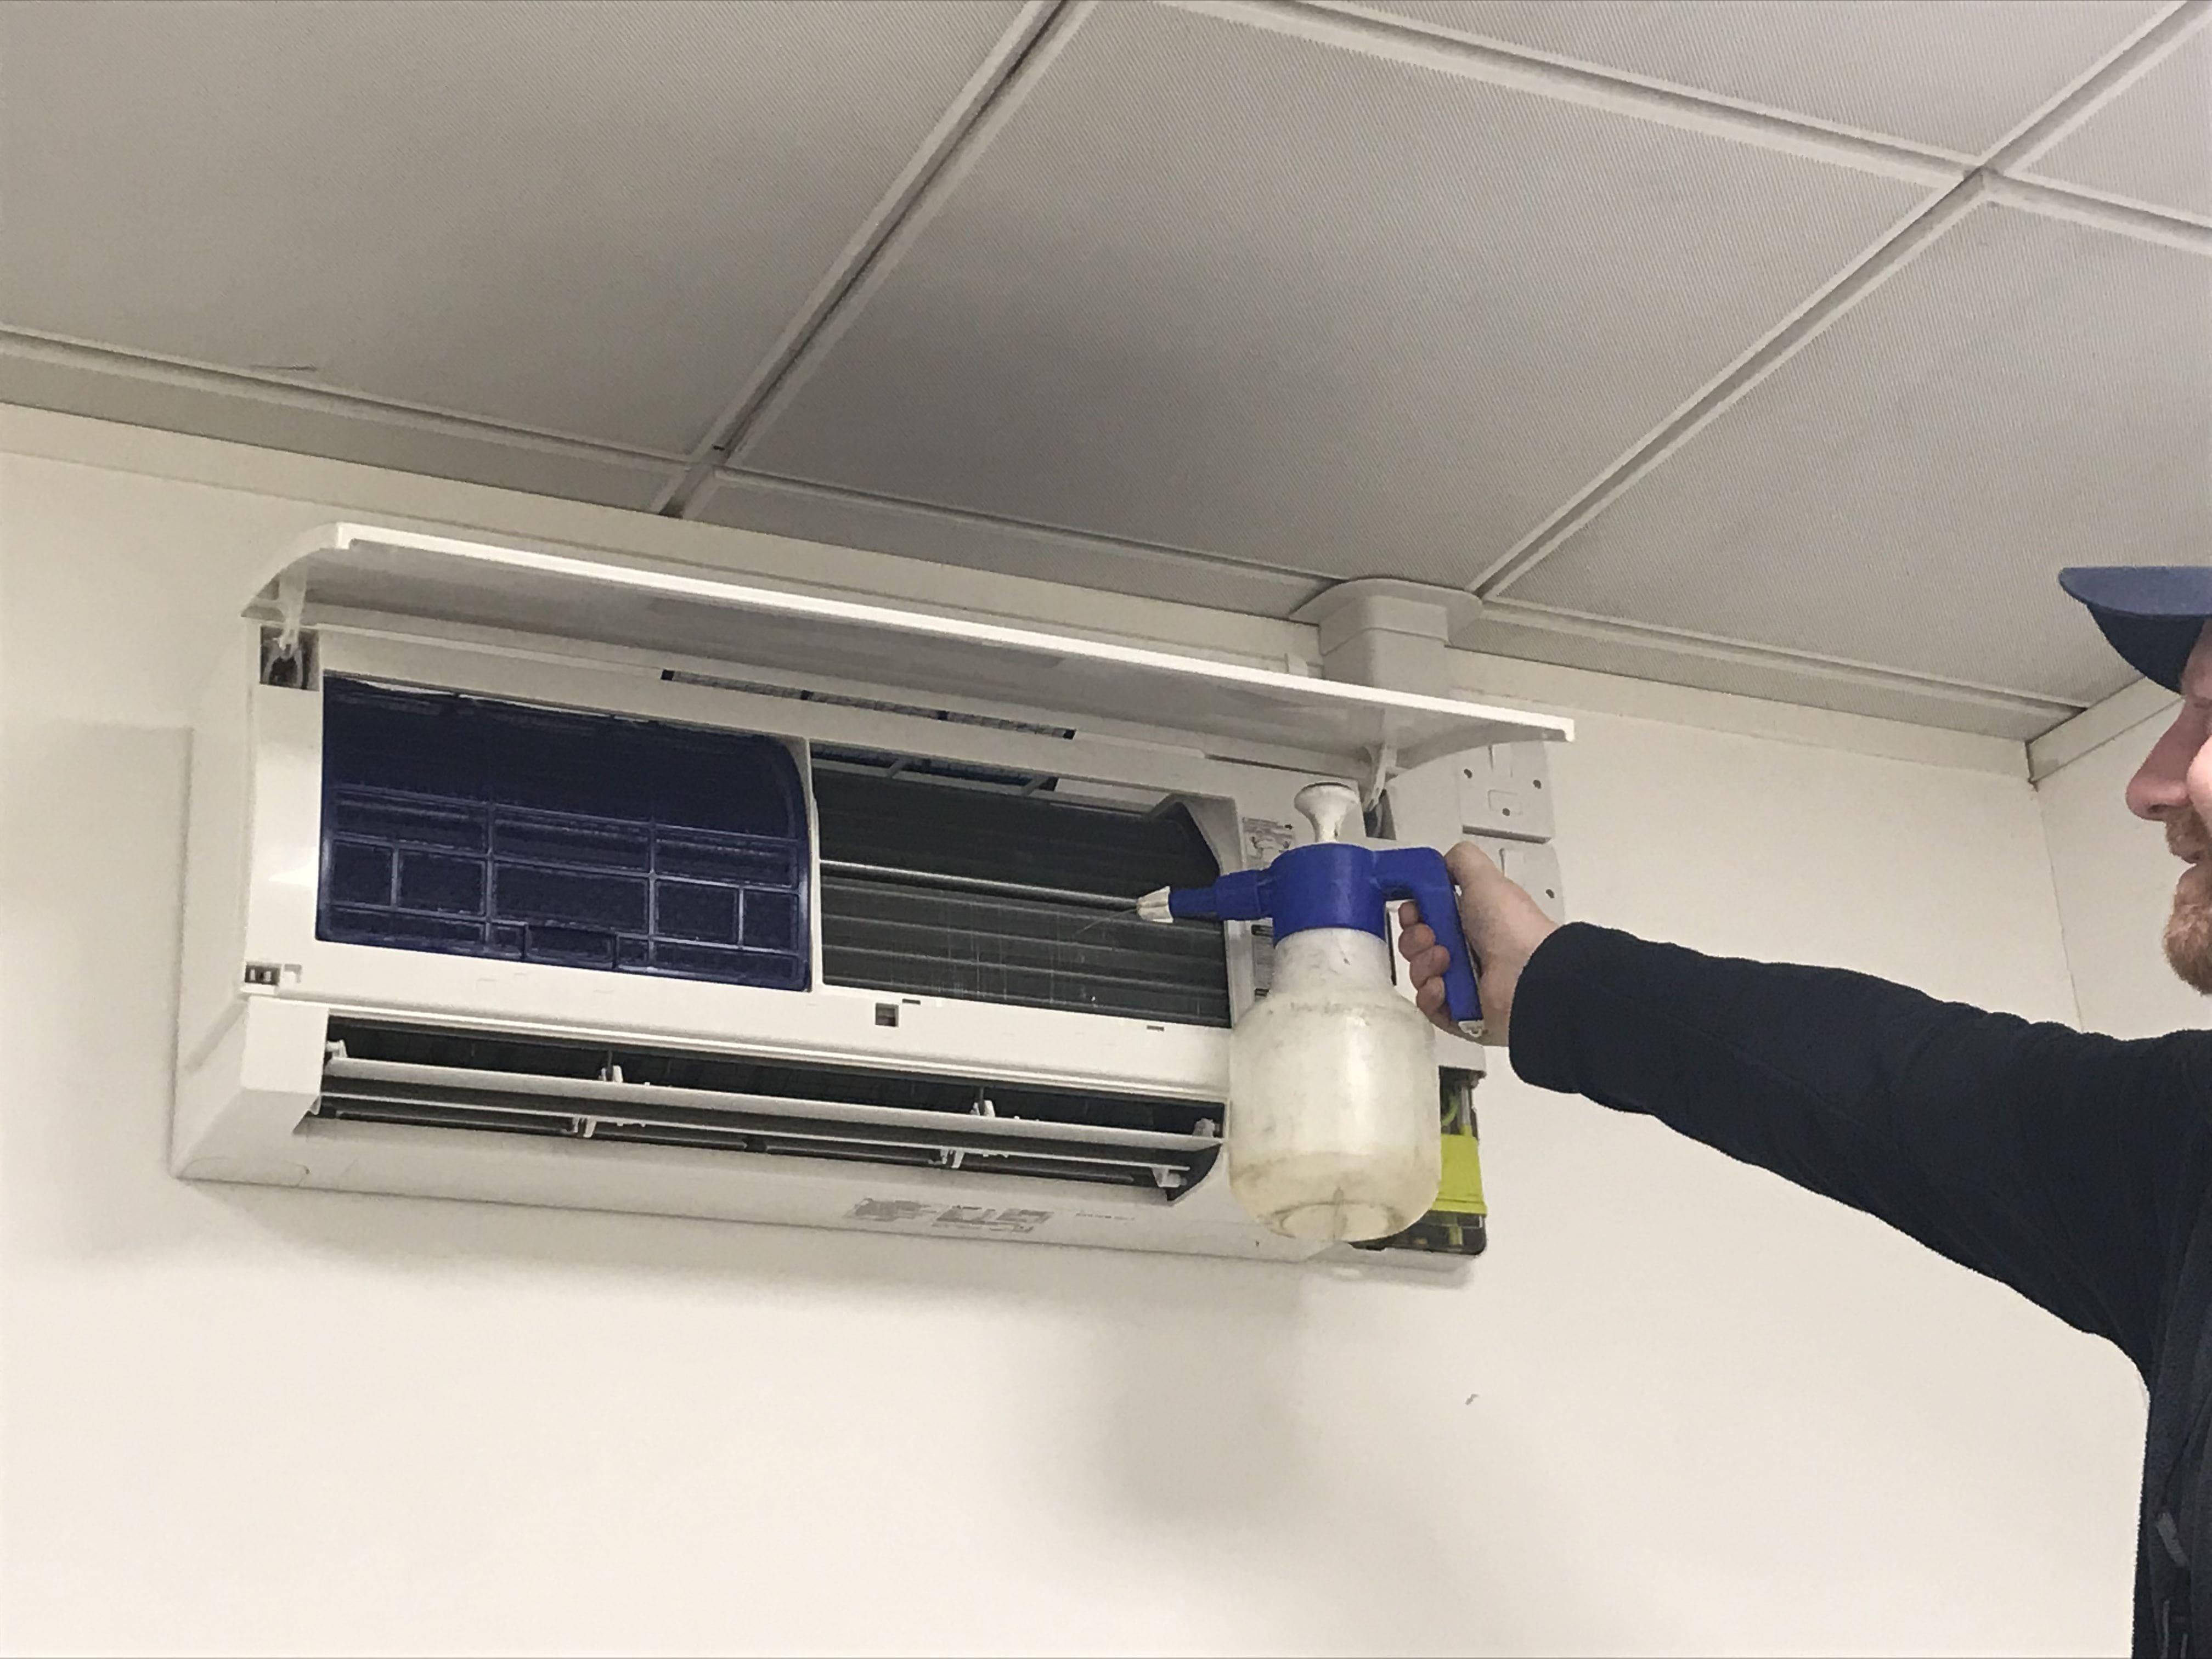 Системы и проекты кондиционирования воздуха в квартире